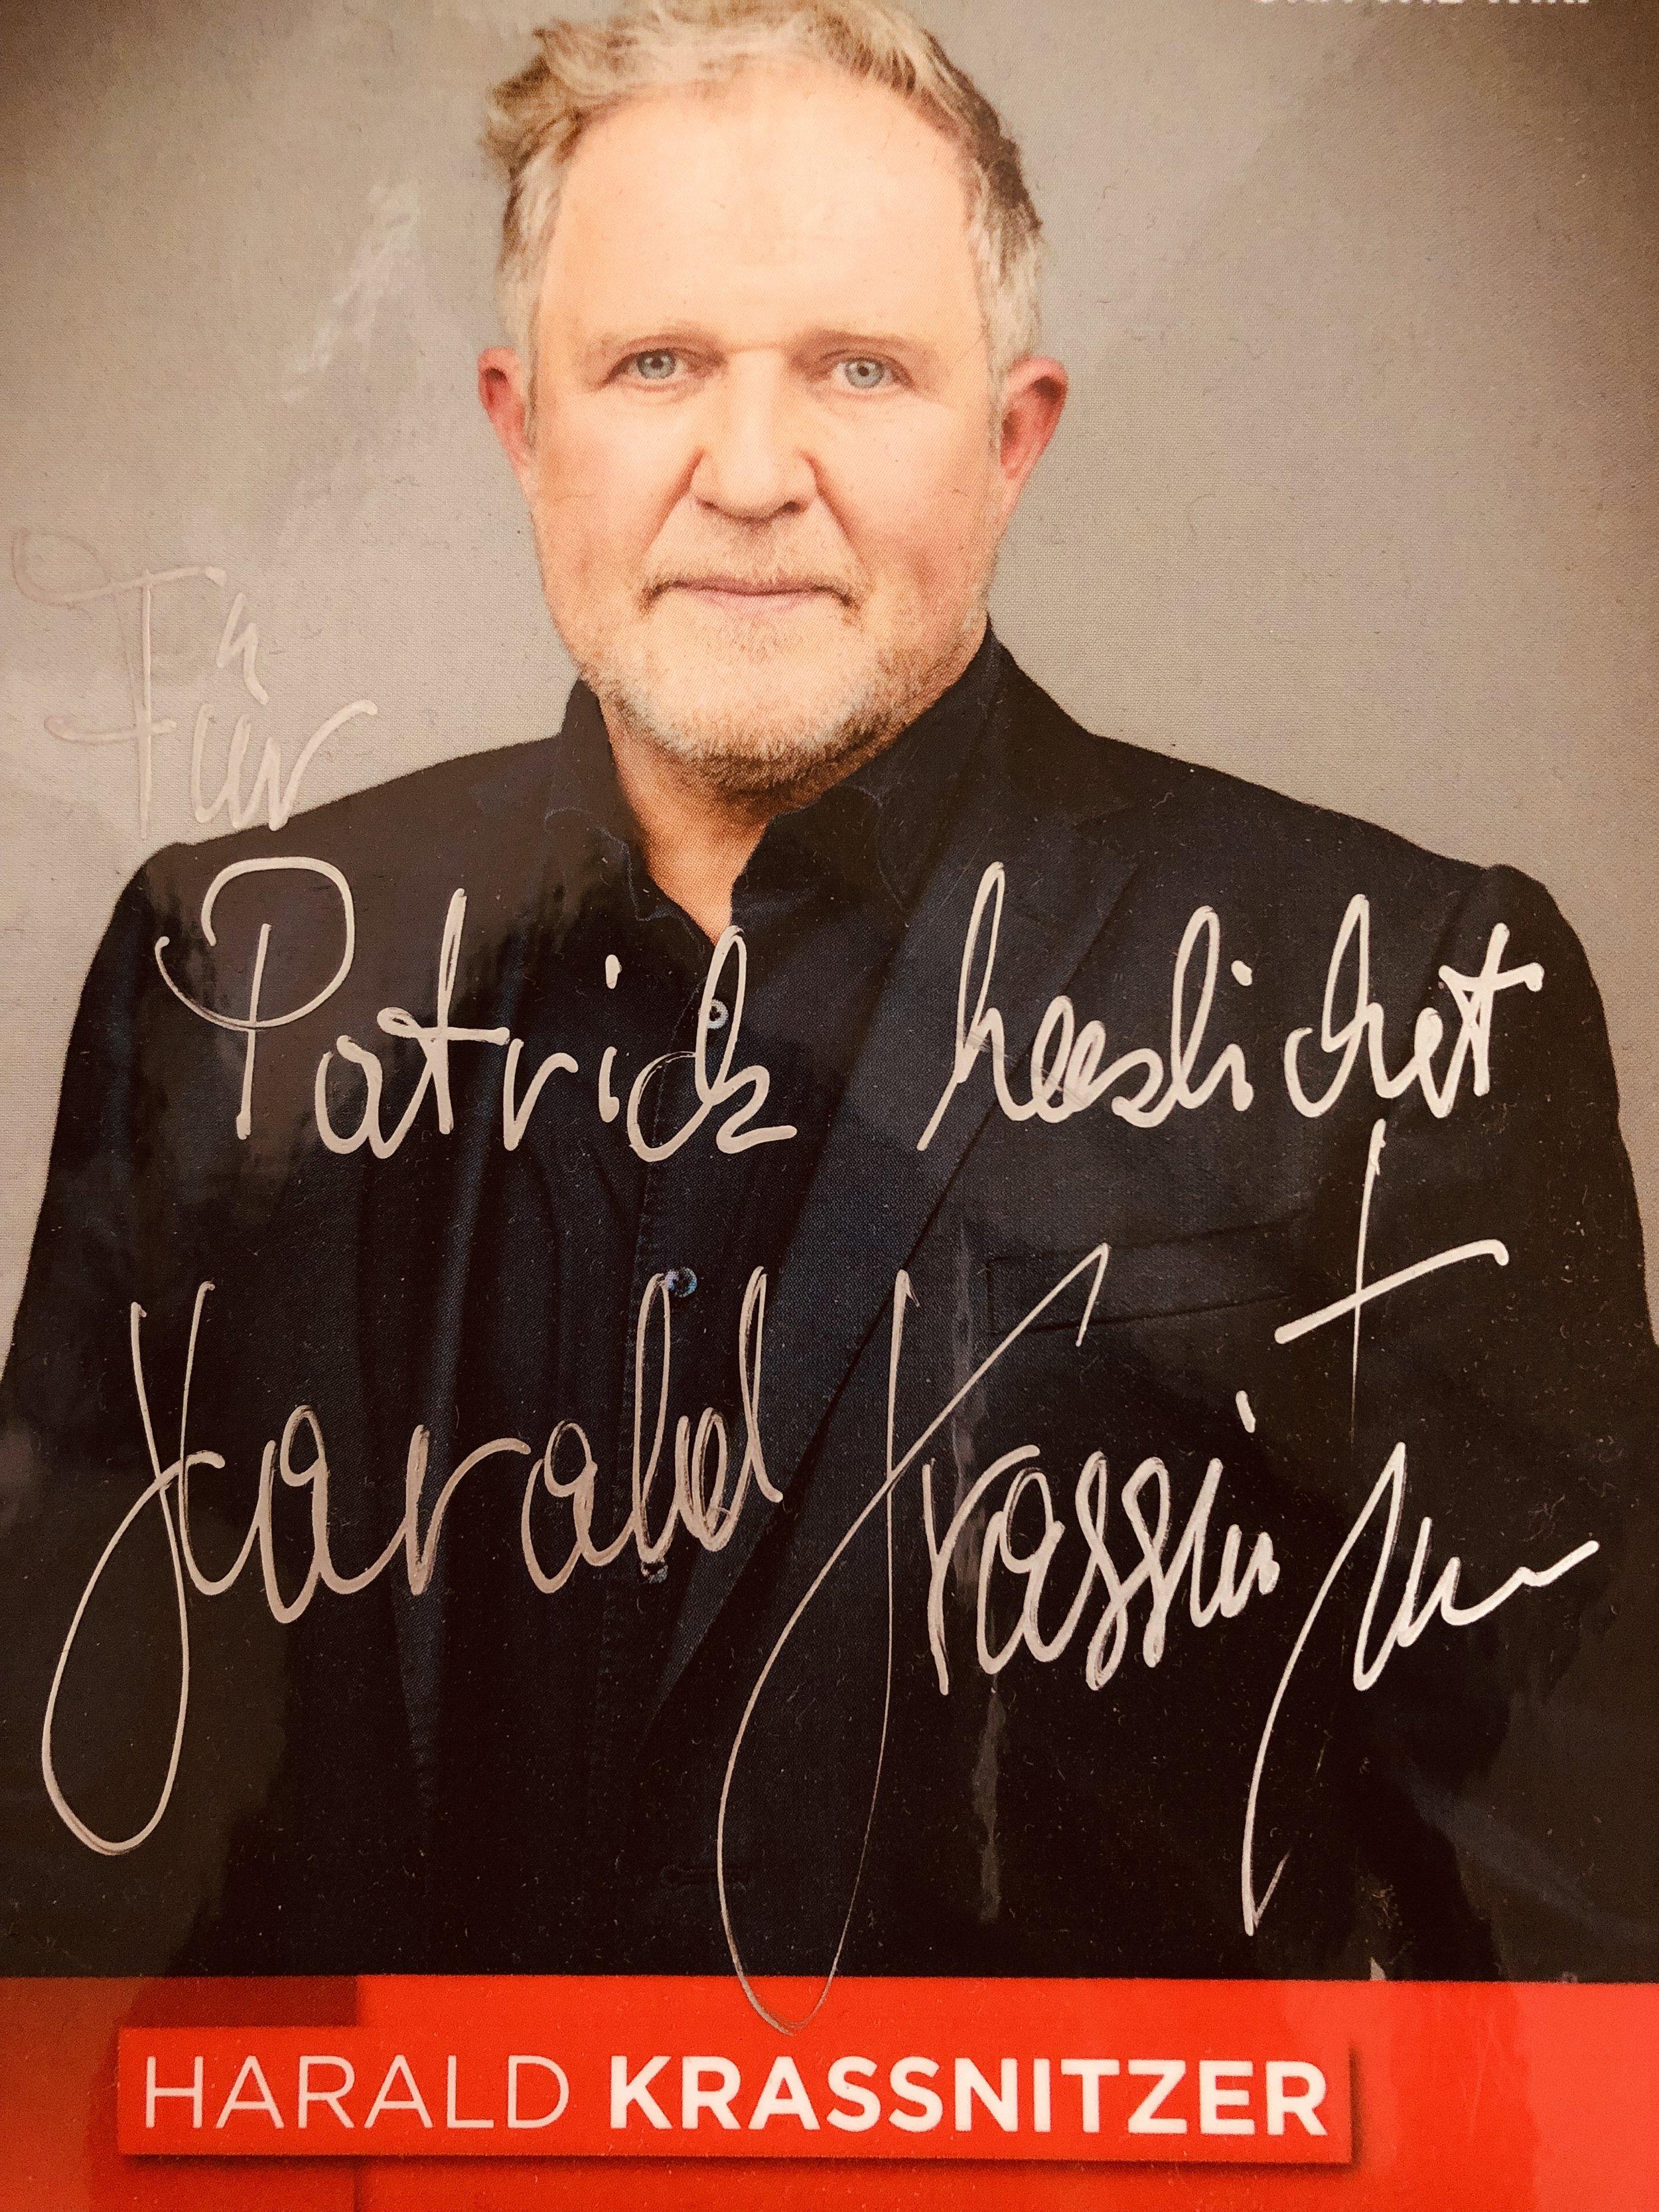 Foto: ORF. Autogramm Harald Krassnitzer für Patrick Schönberger.